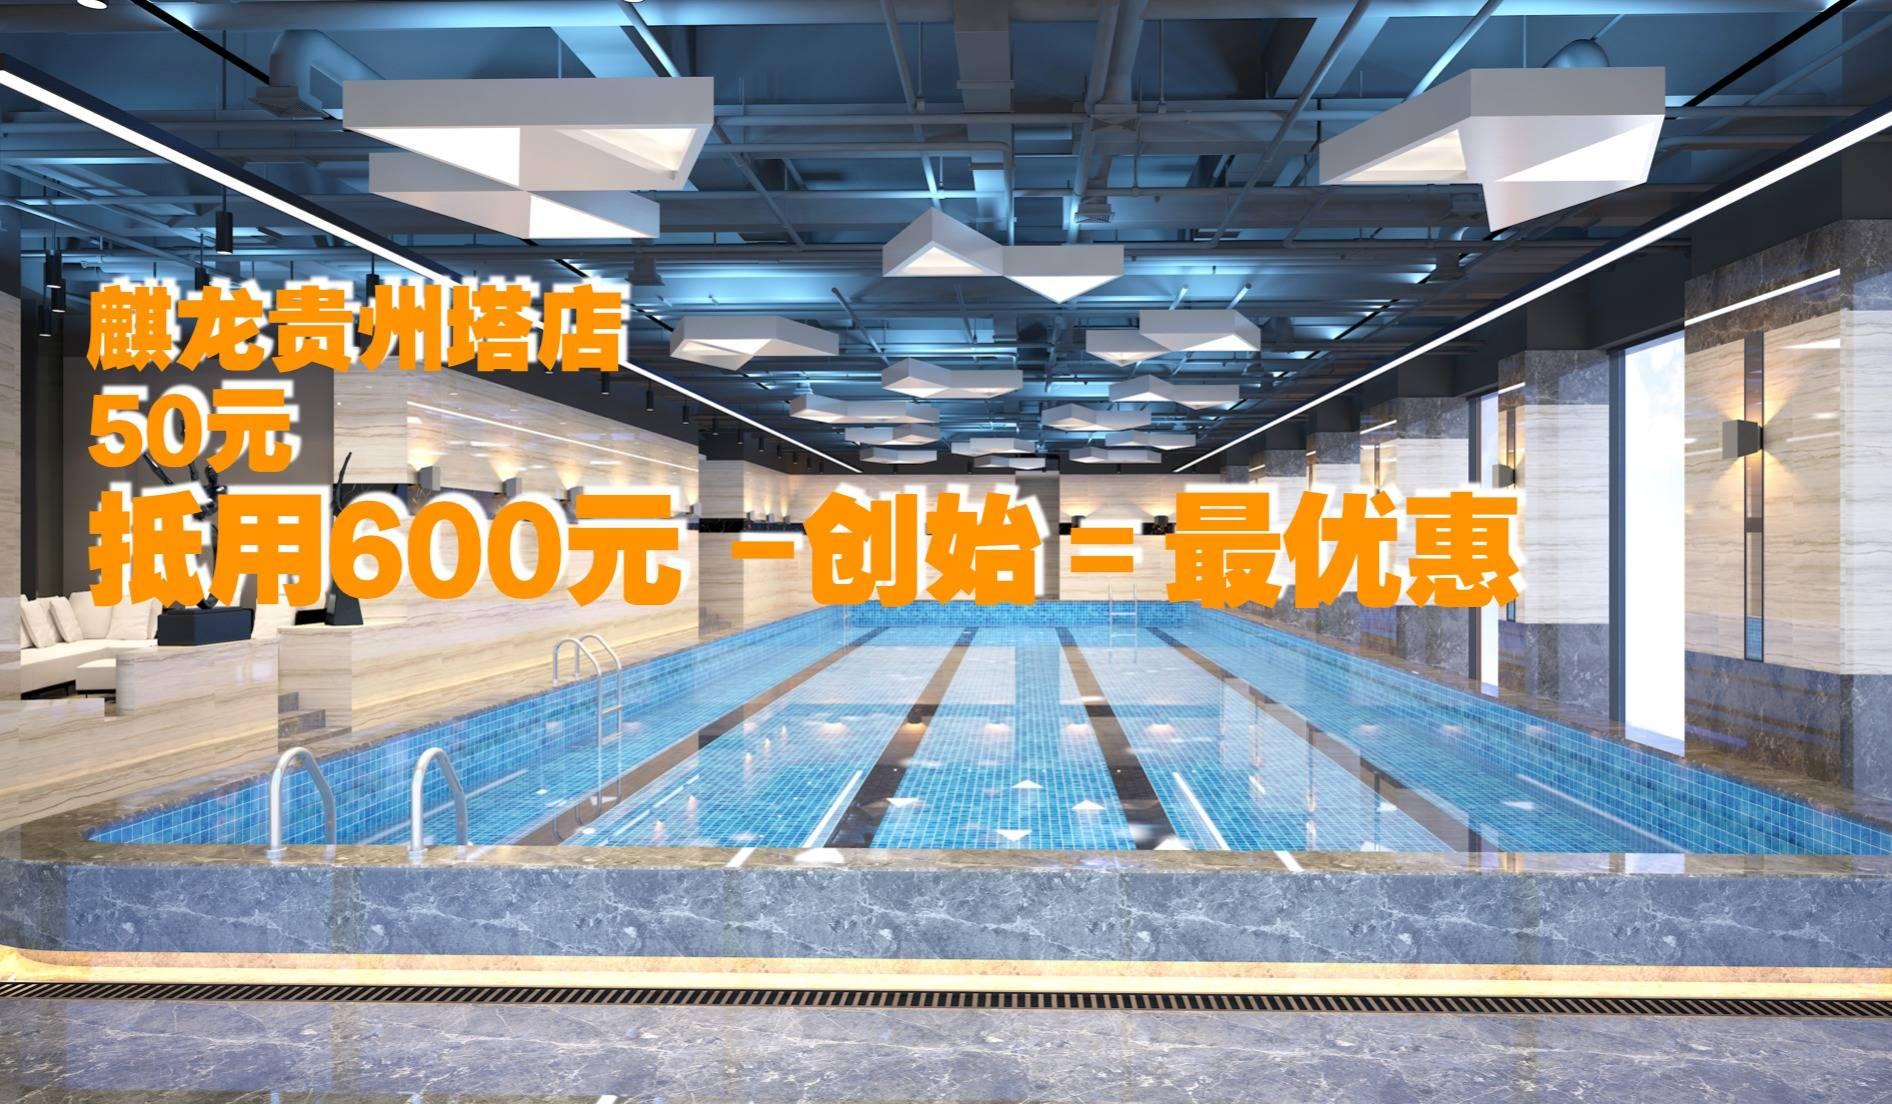 ###赛尔时尚游泳健身-麒龙贵州塔店-50元抵用600元疯抢购中…